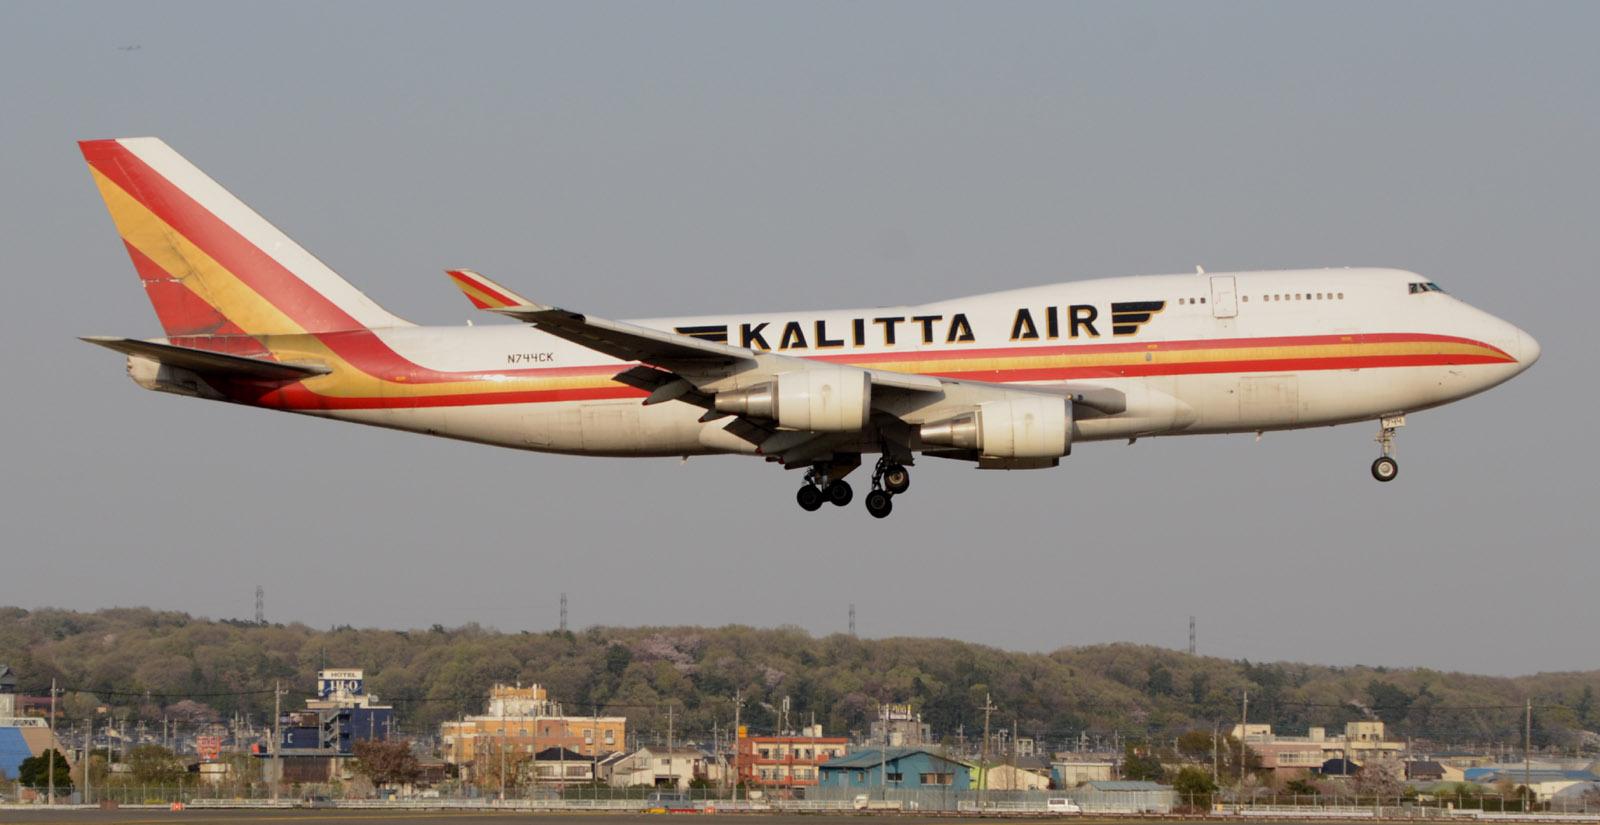 Kalitta140411g663